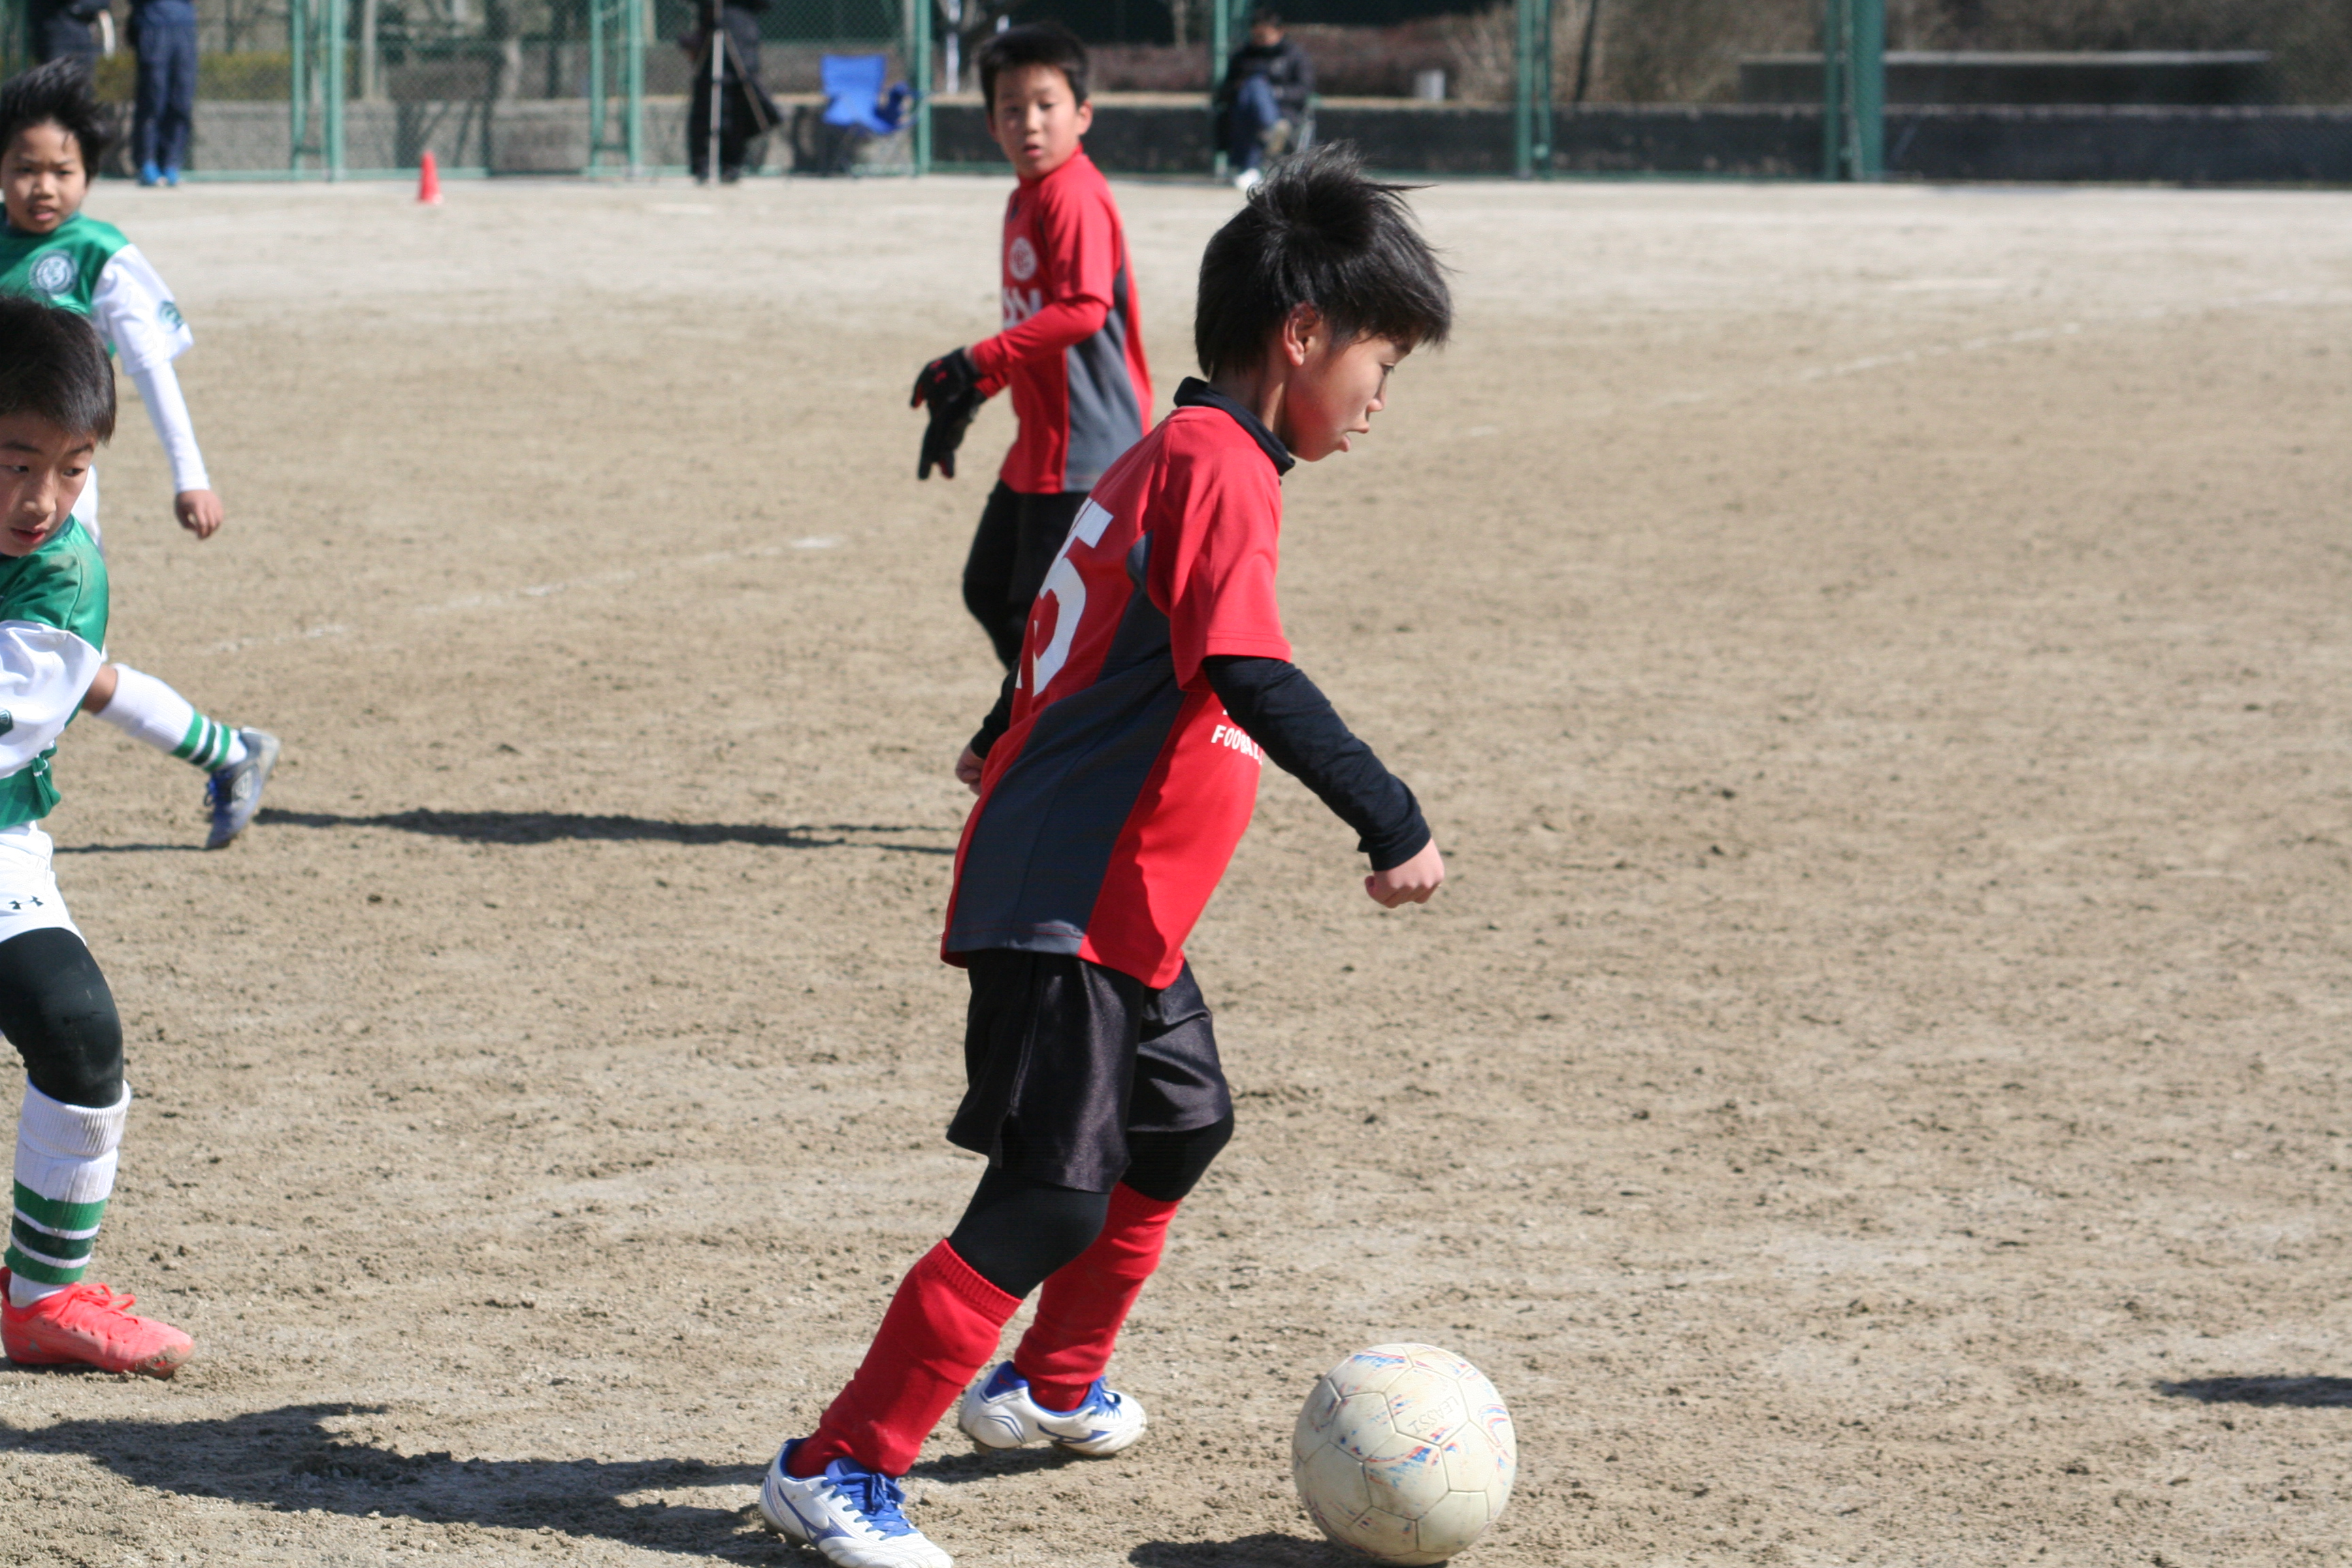 正しくサッカーを教わってますか?何故コーチに怒られる?。レアッシの練習を通じて具体的な内容を公開します。